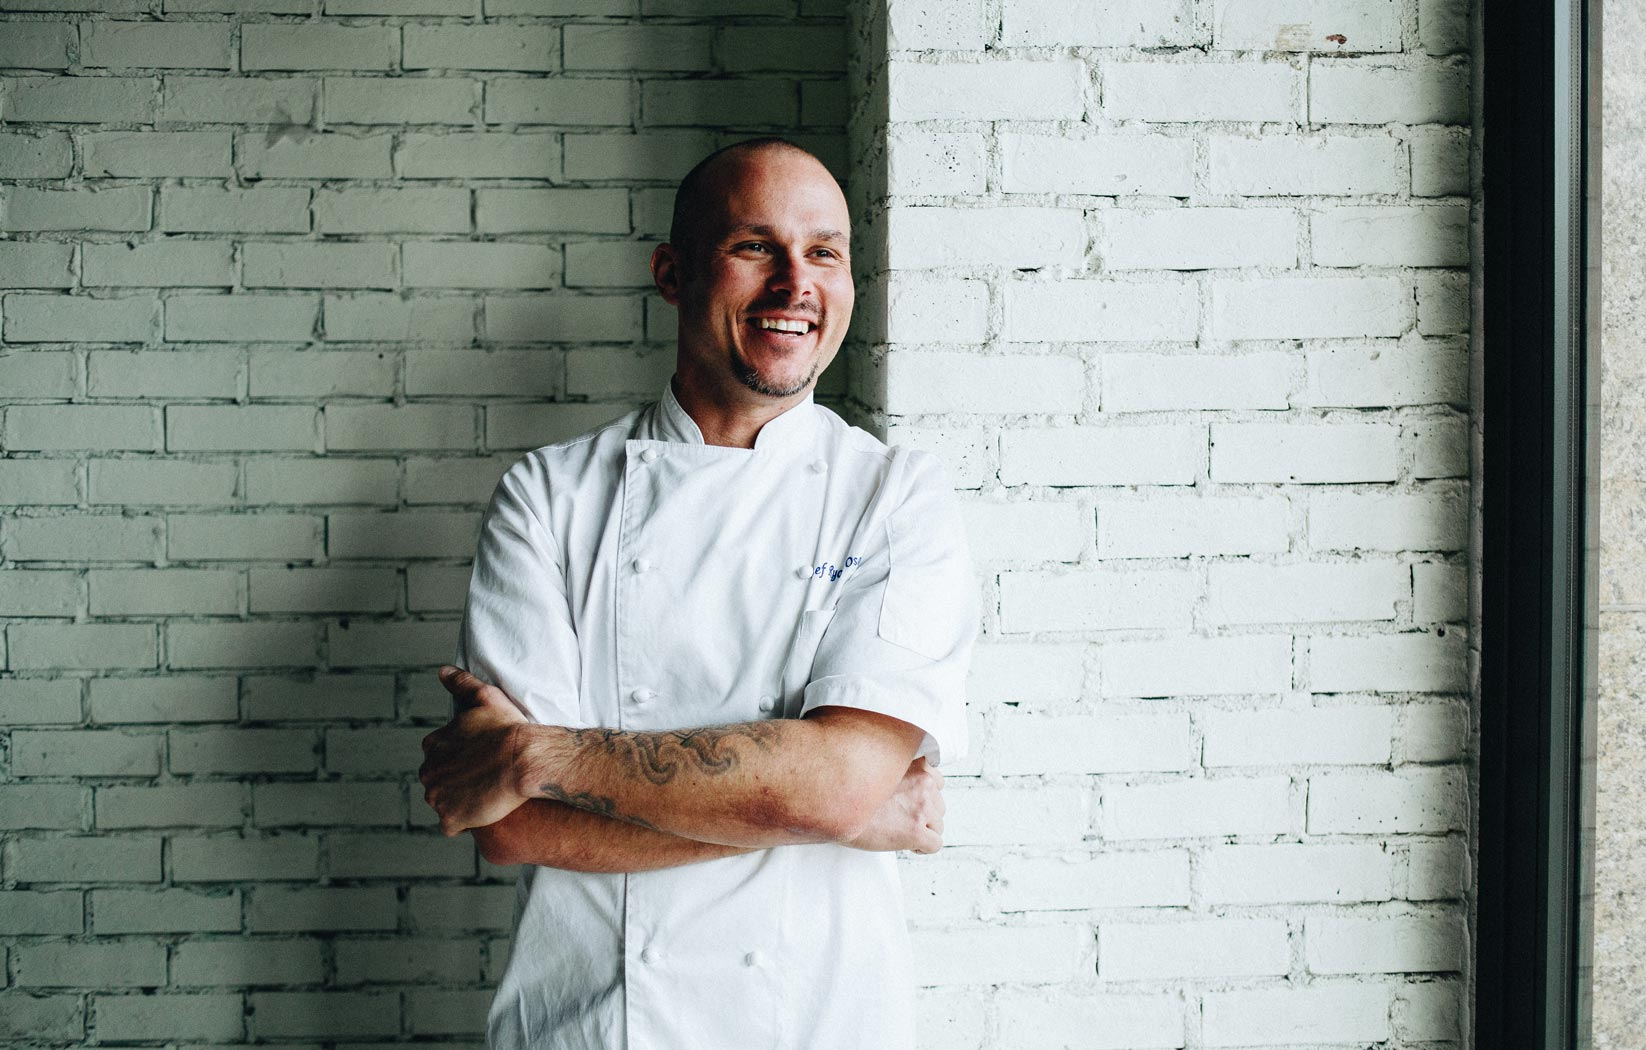 Chef_RyanOsosky_Web.jpg